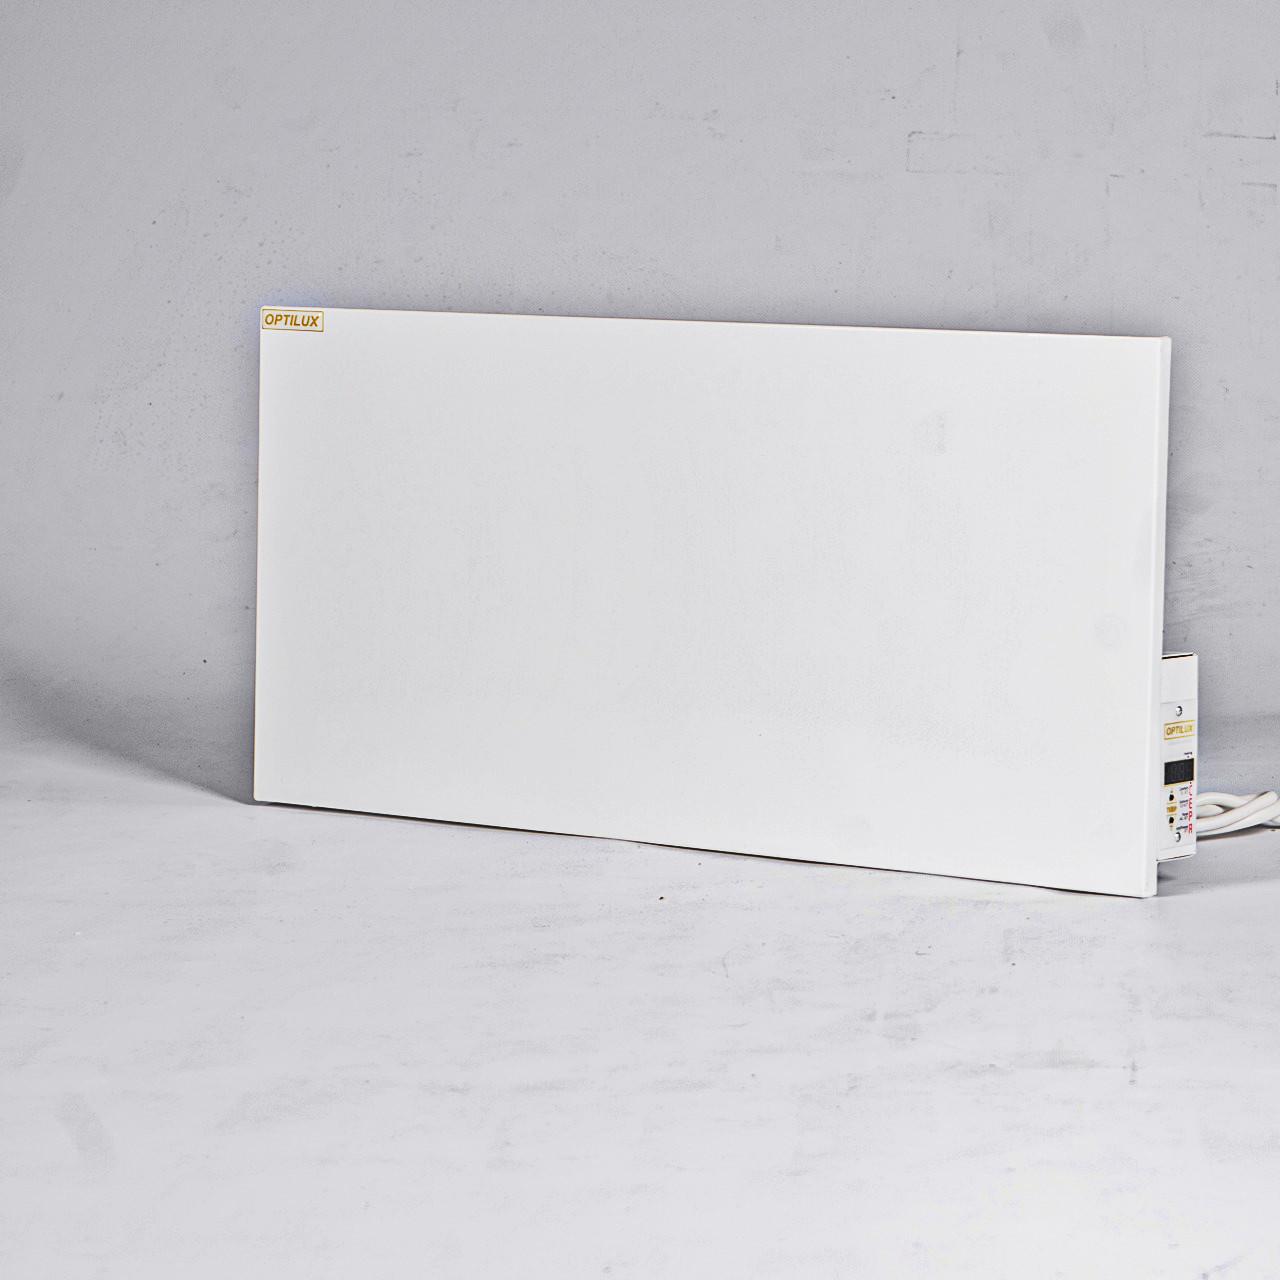 Optilux P300НВ до 8 м² Энергосберегающий металлический обогреватель с электронным терморегулятором (60х30 см)